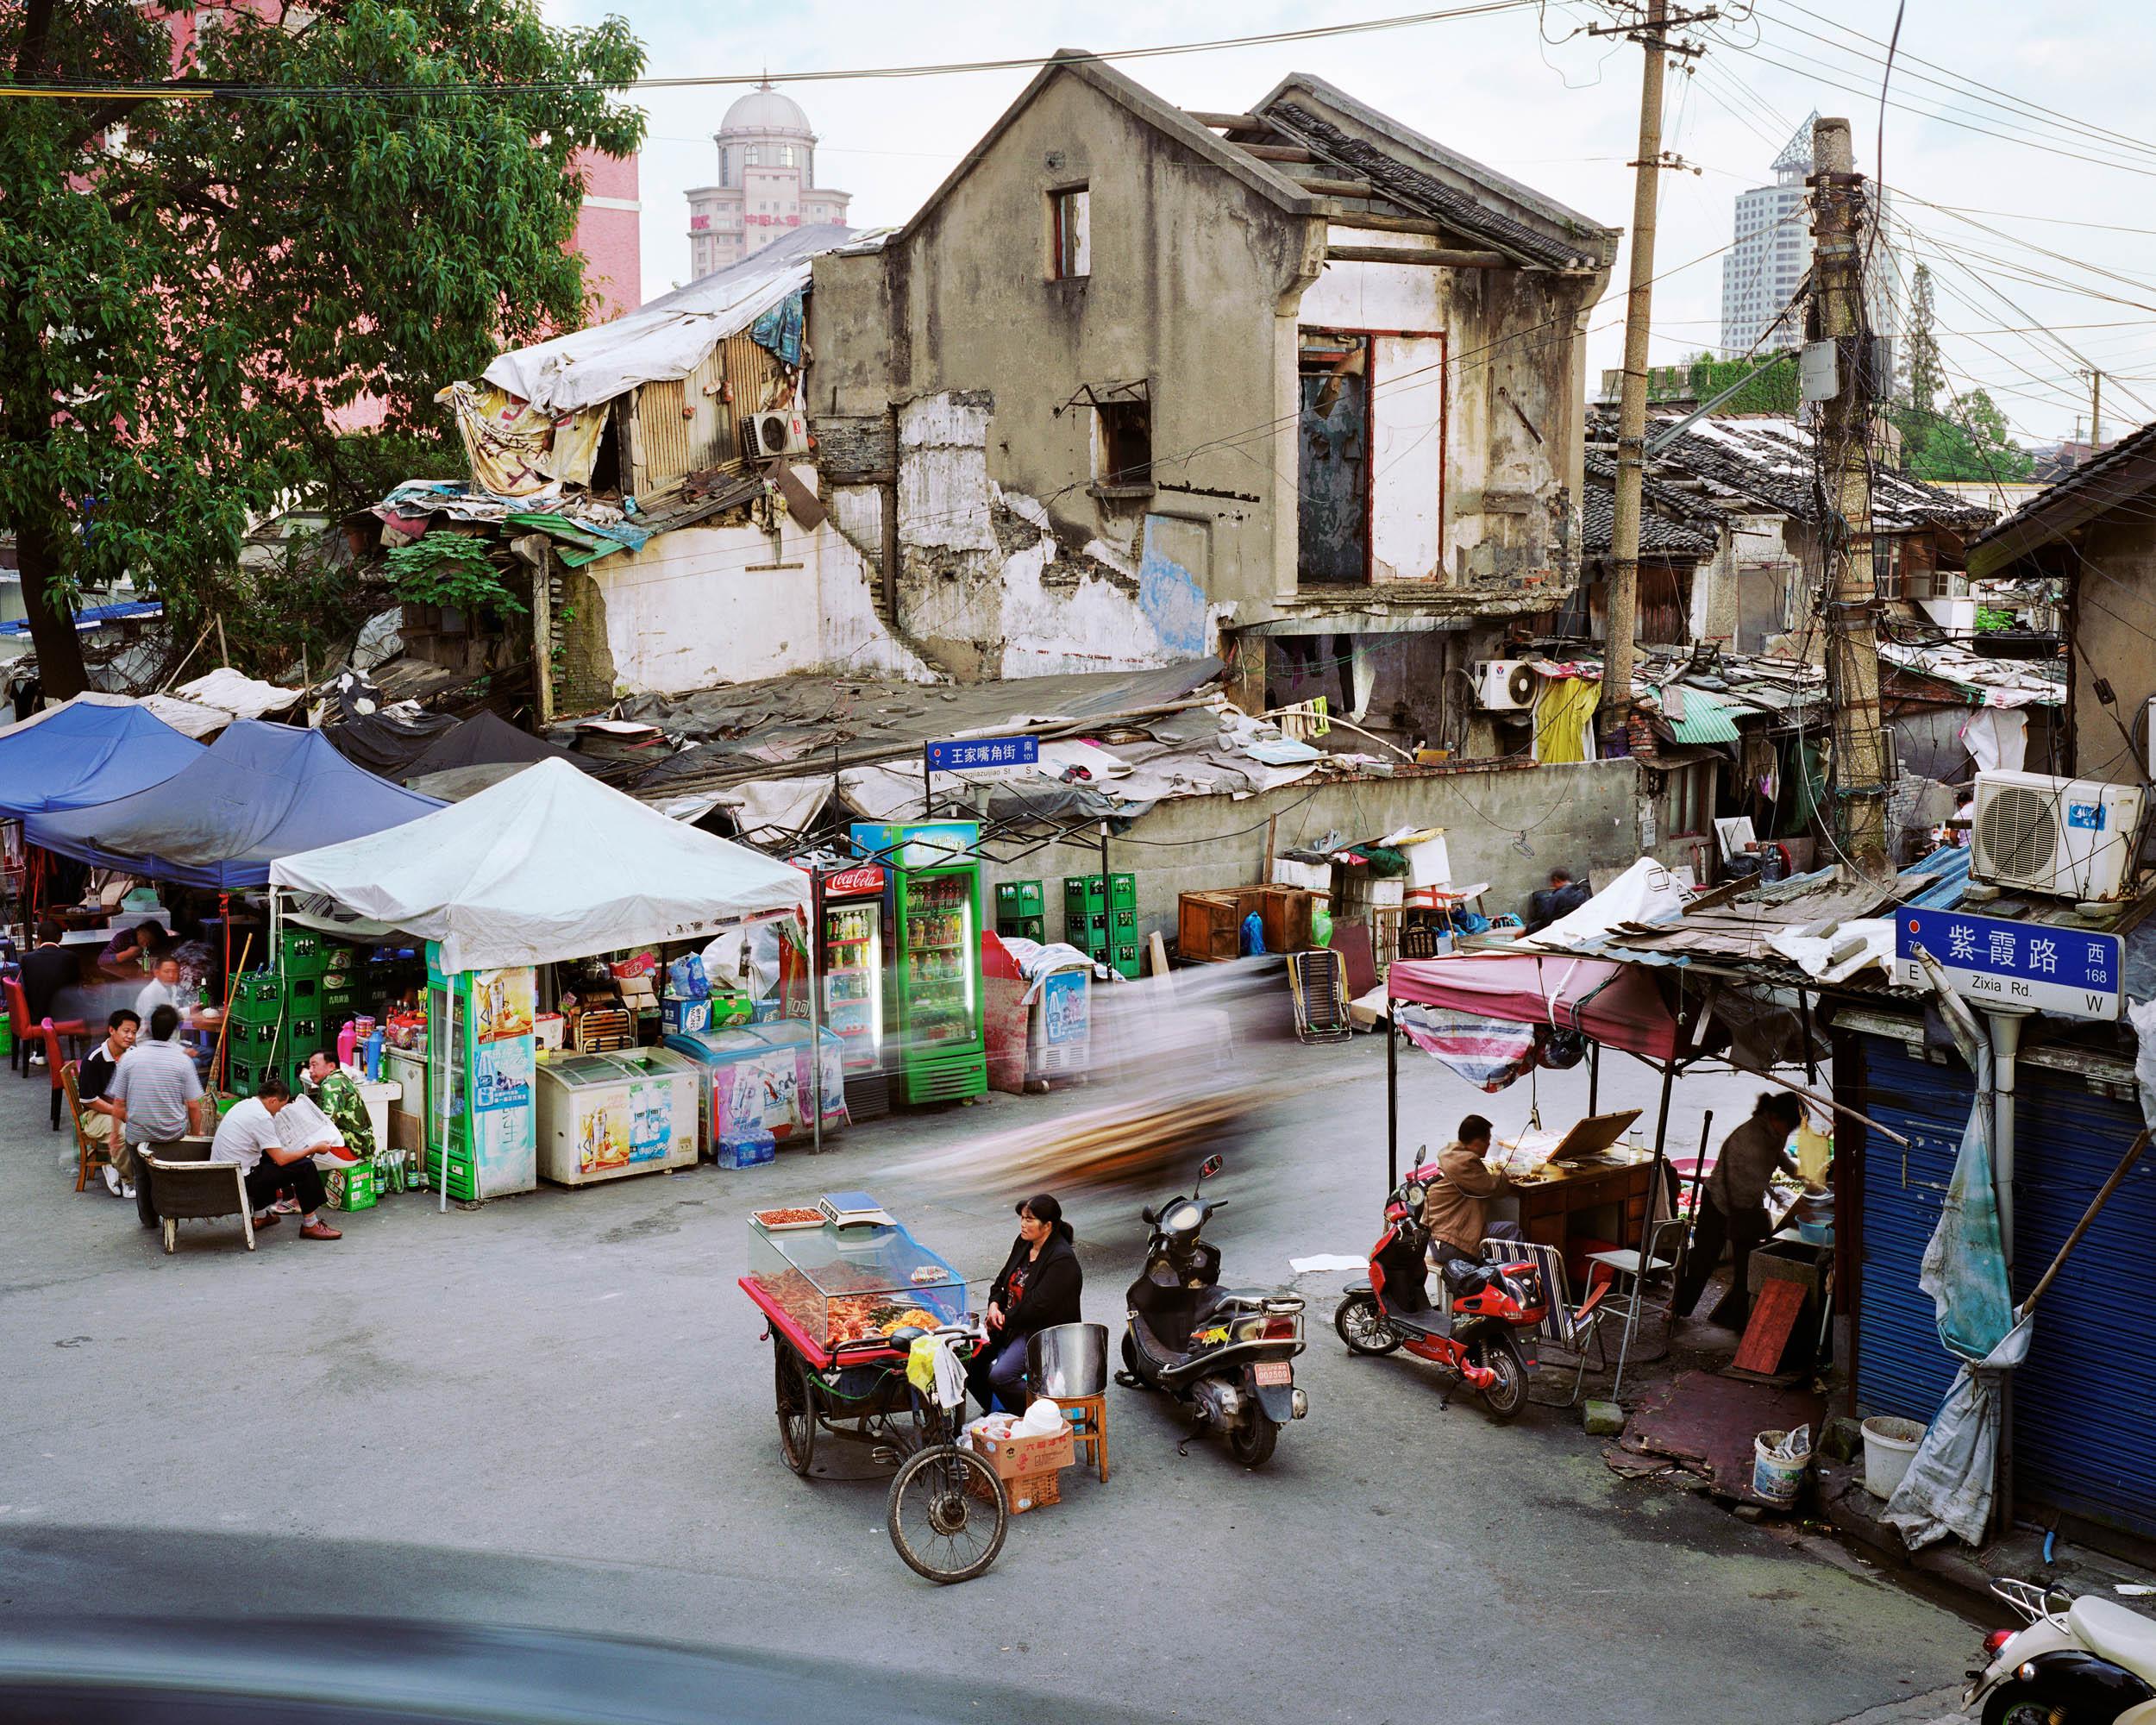 Zixia Road and Wangjiazuijiao Street, Huangpu, Shanghai, China